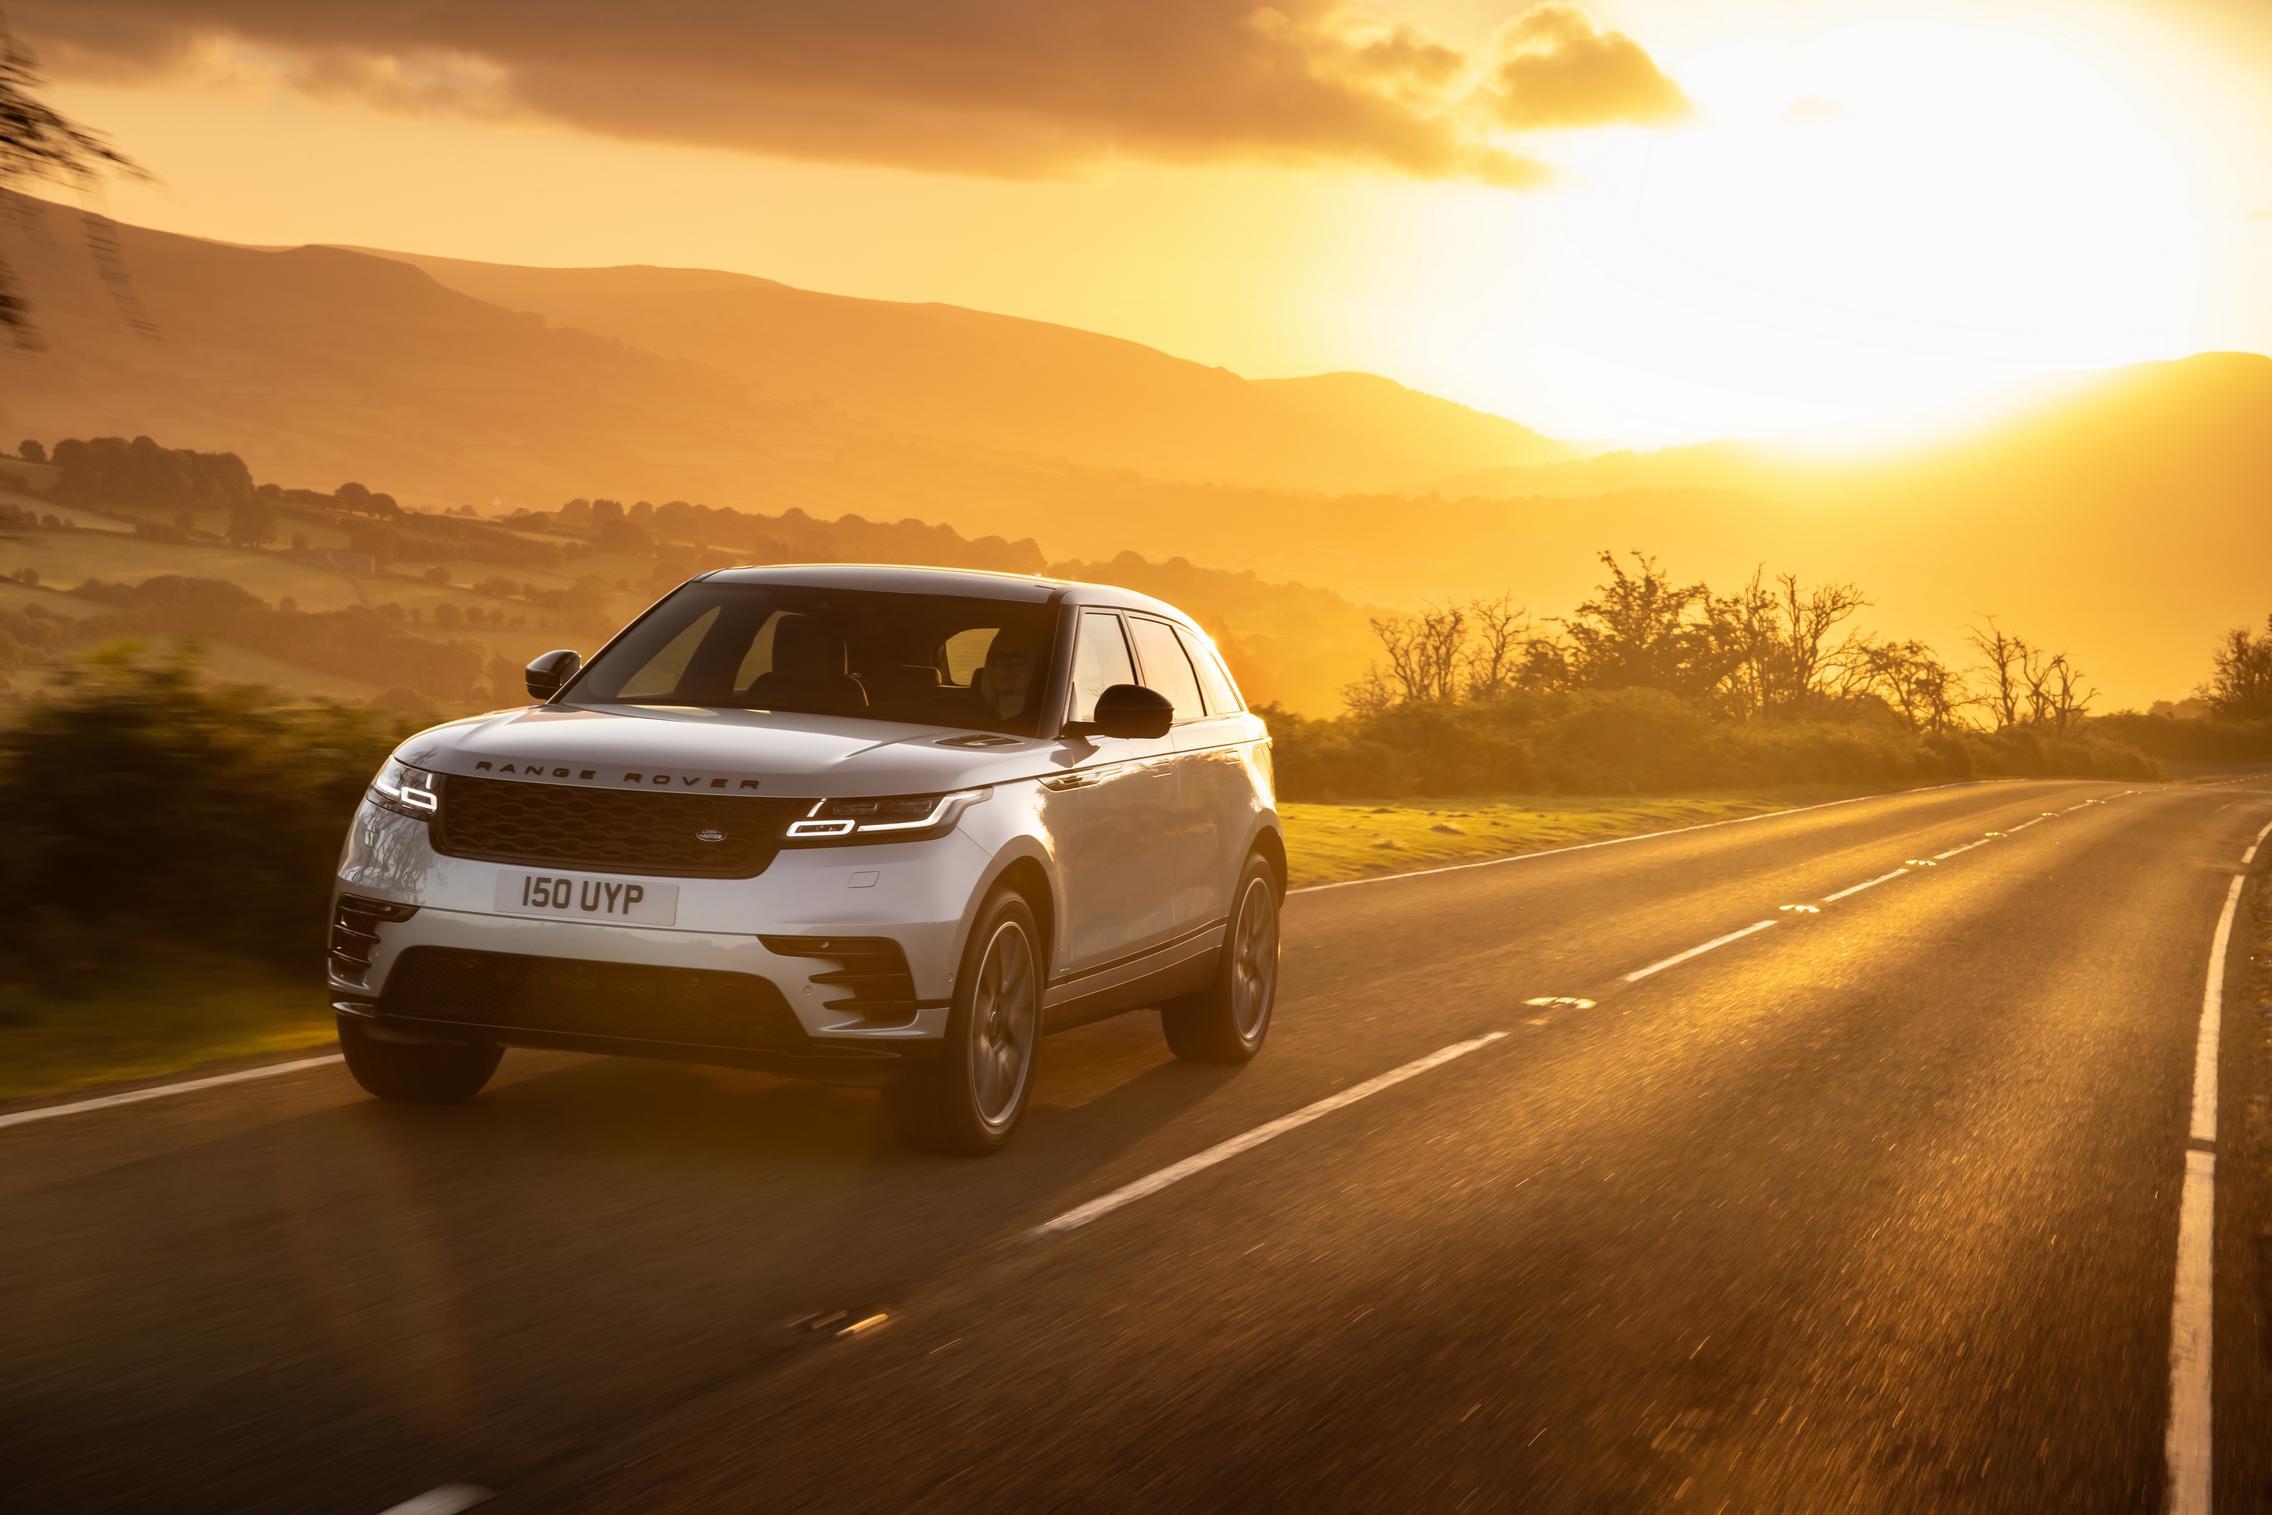 2021 Range Rover Velar Sunset